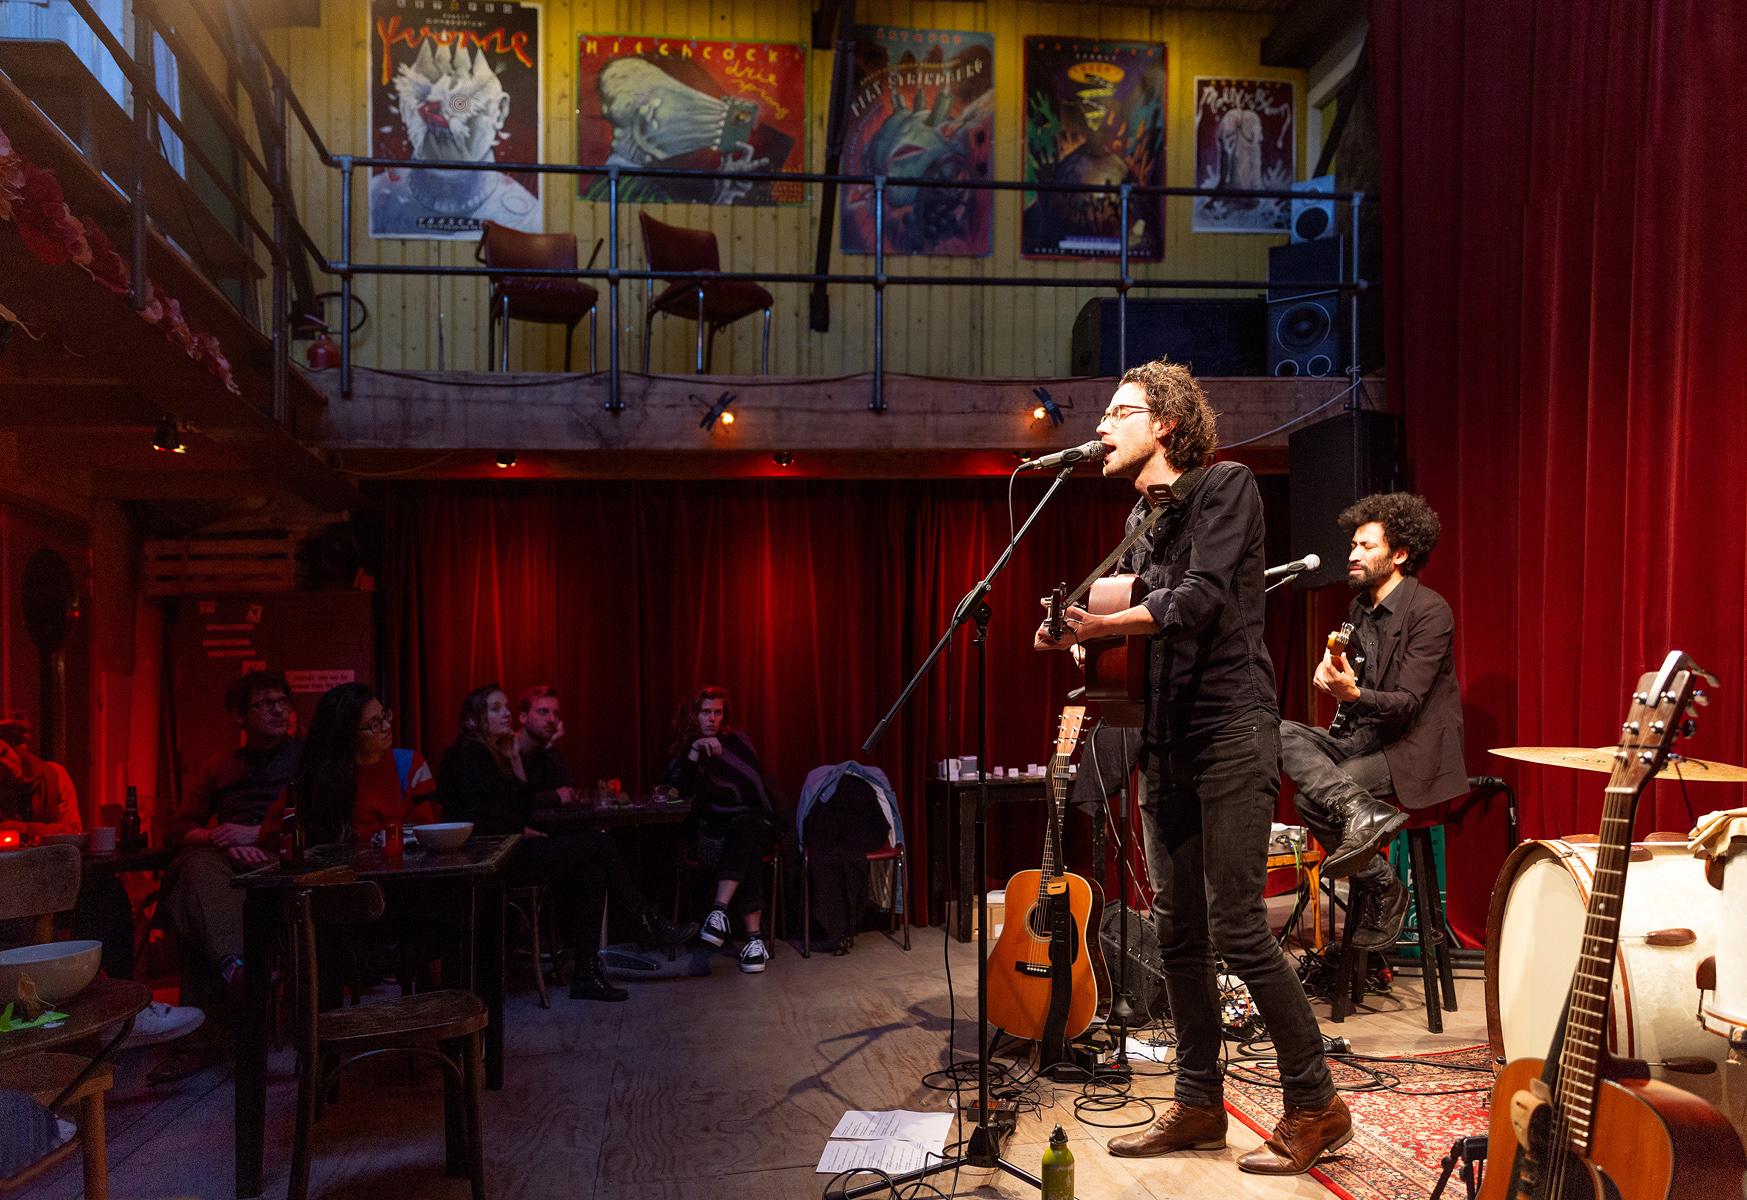 In de herkansing: vierde en laatste albumpresentatie op 8 november in Studio de Bakkerij, Rotterdam